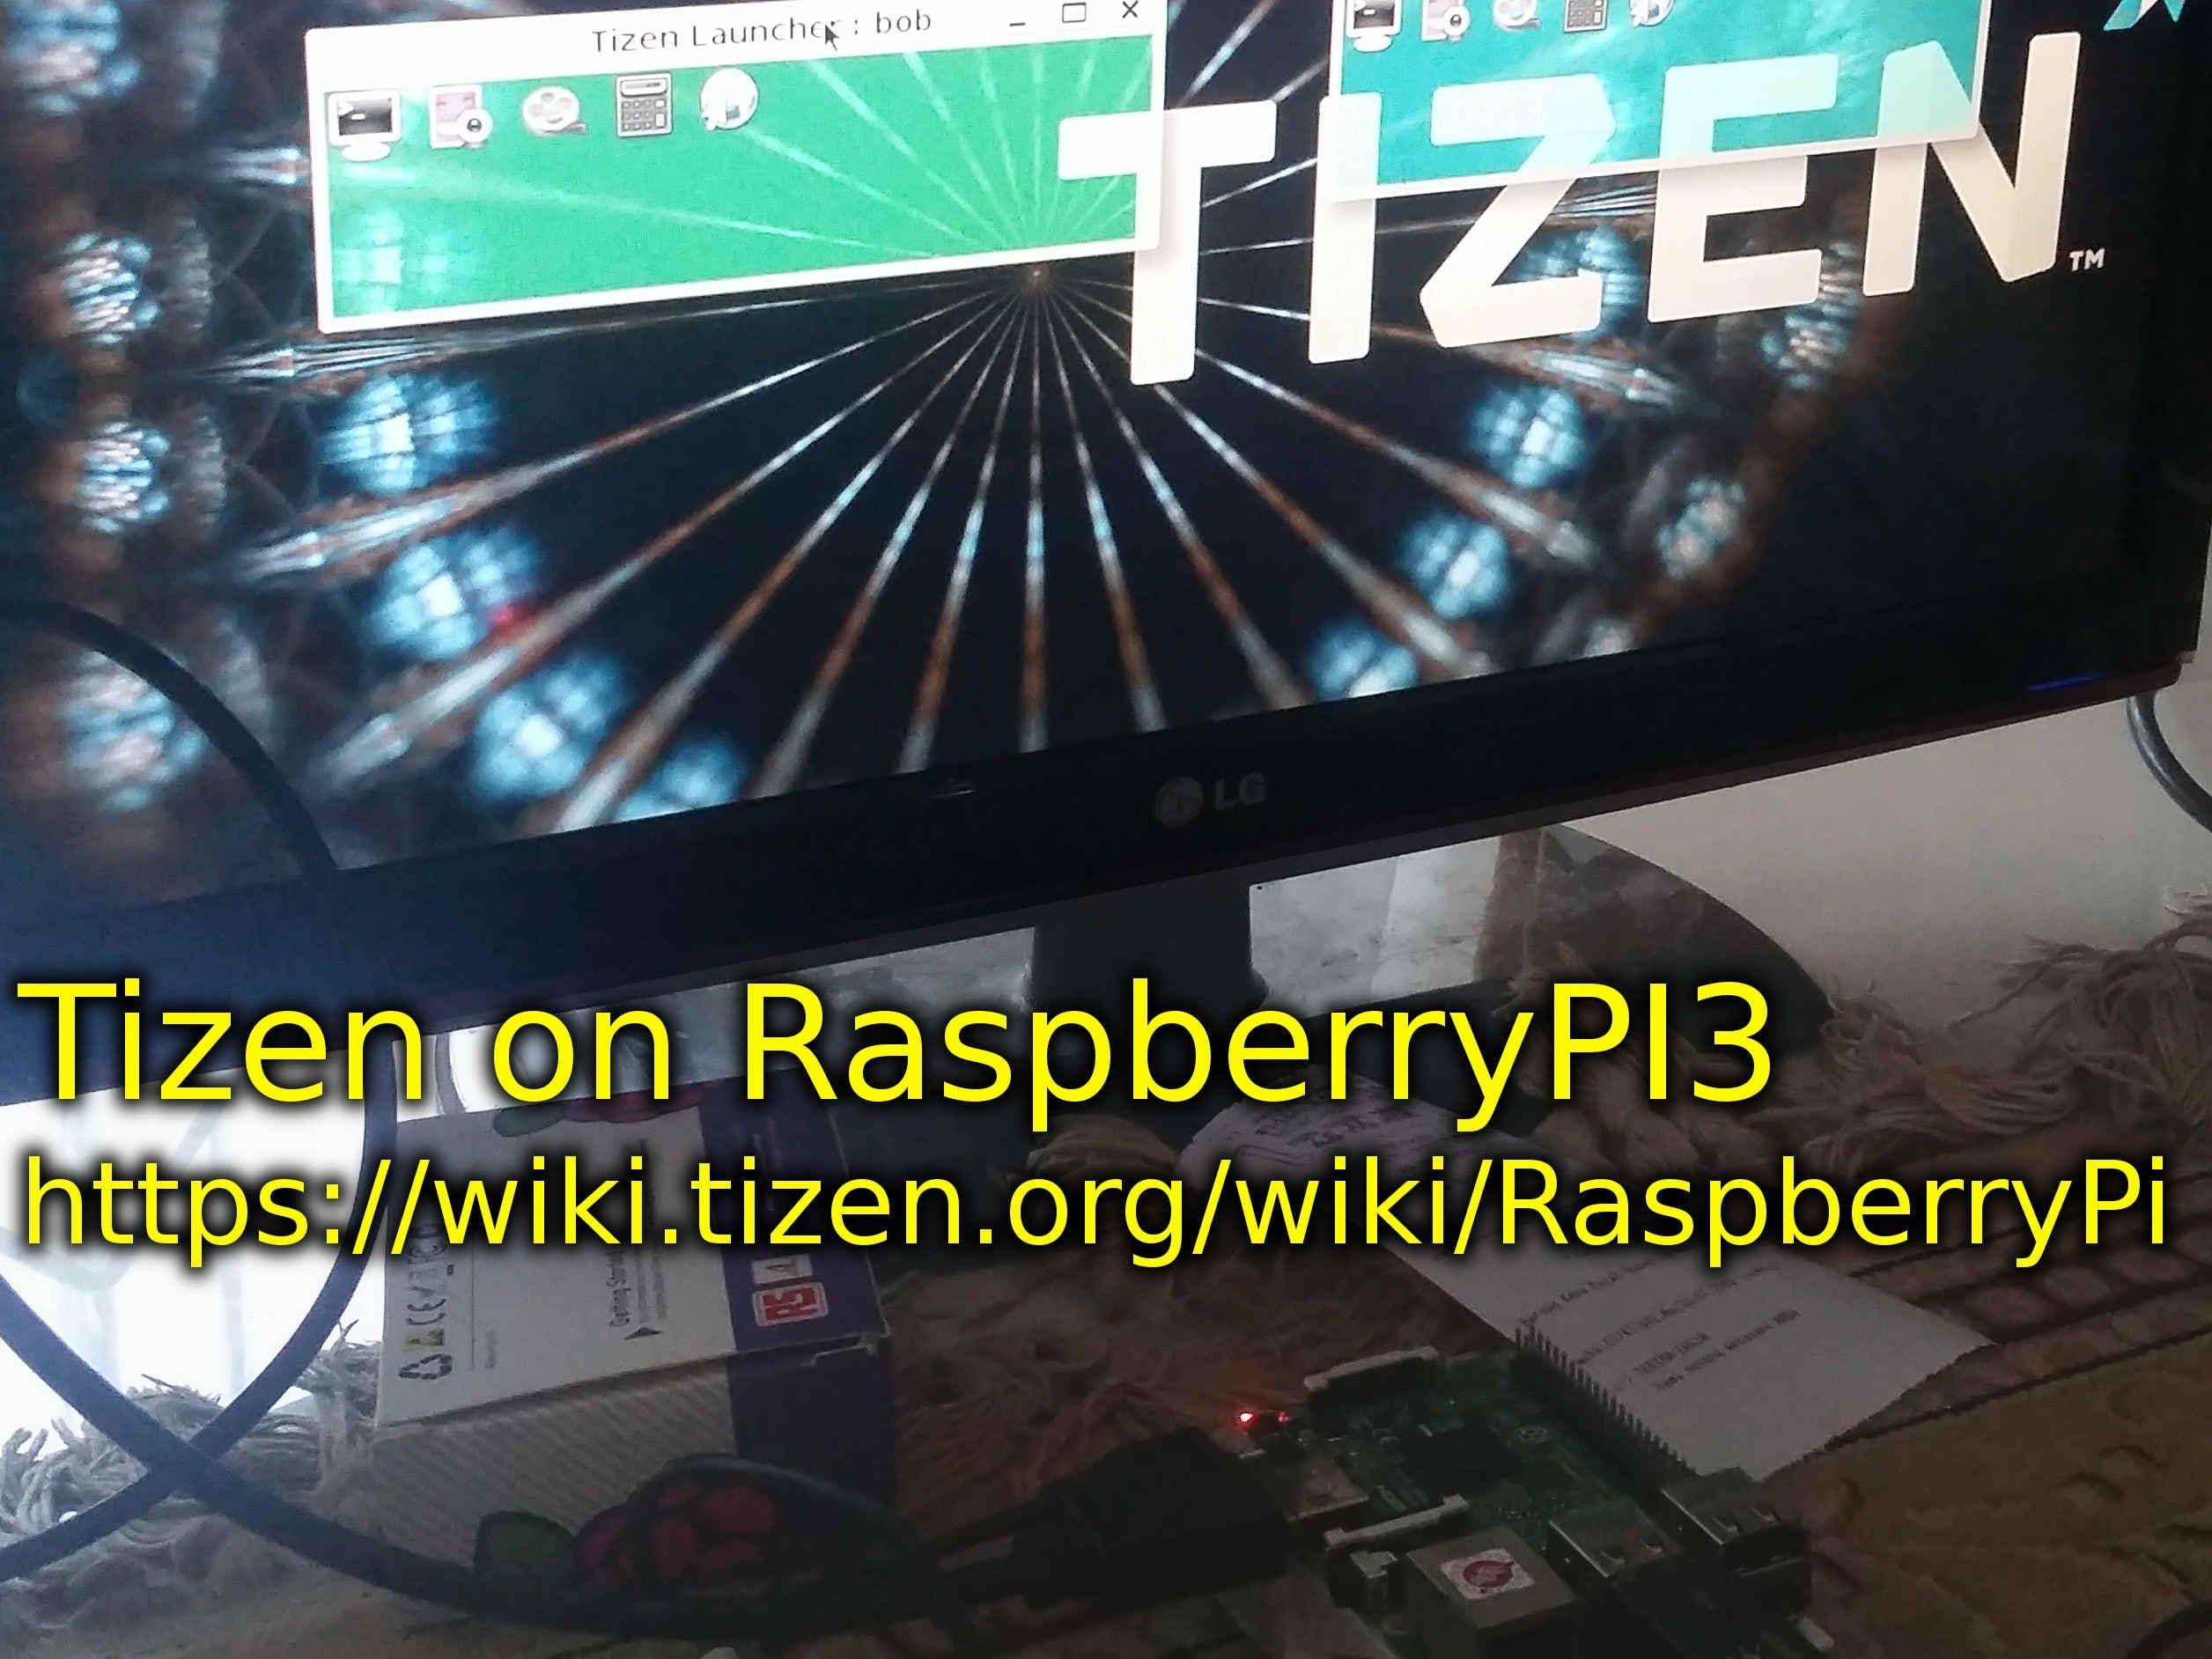 Tizen on Raspberry PI